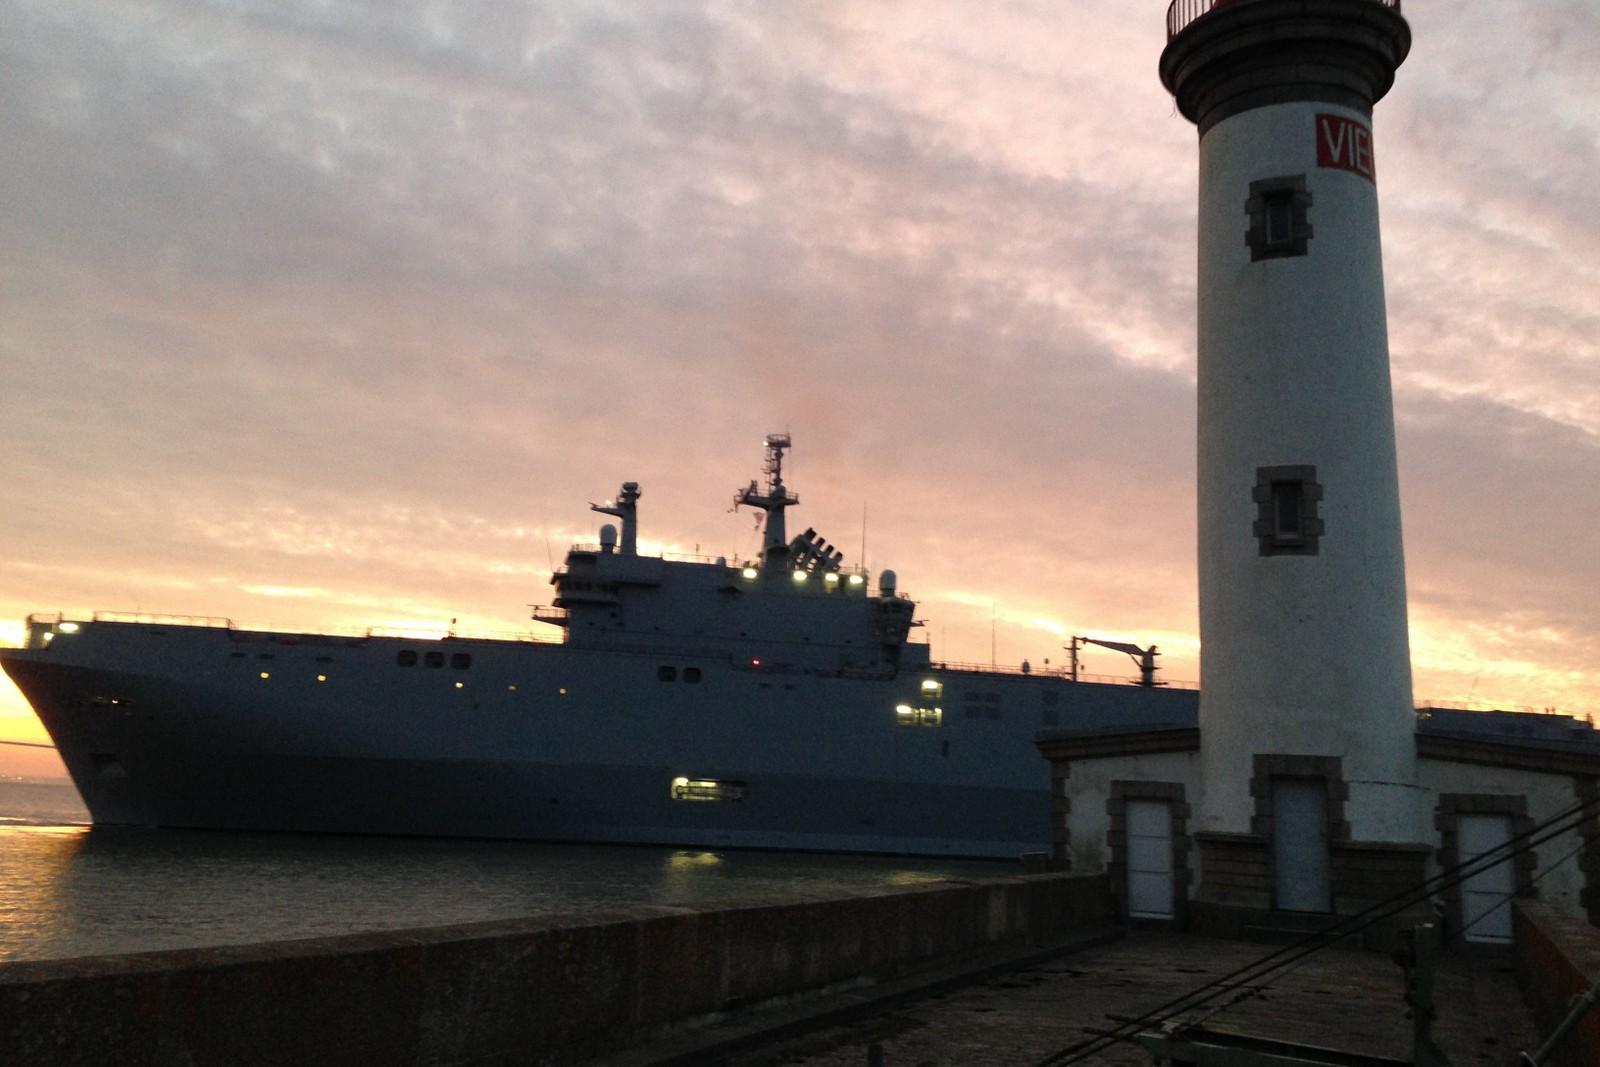 Tripulação Russa suspende e efetua manobras no mar com o  BPC Vladivostok